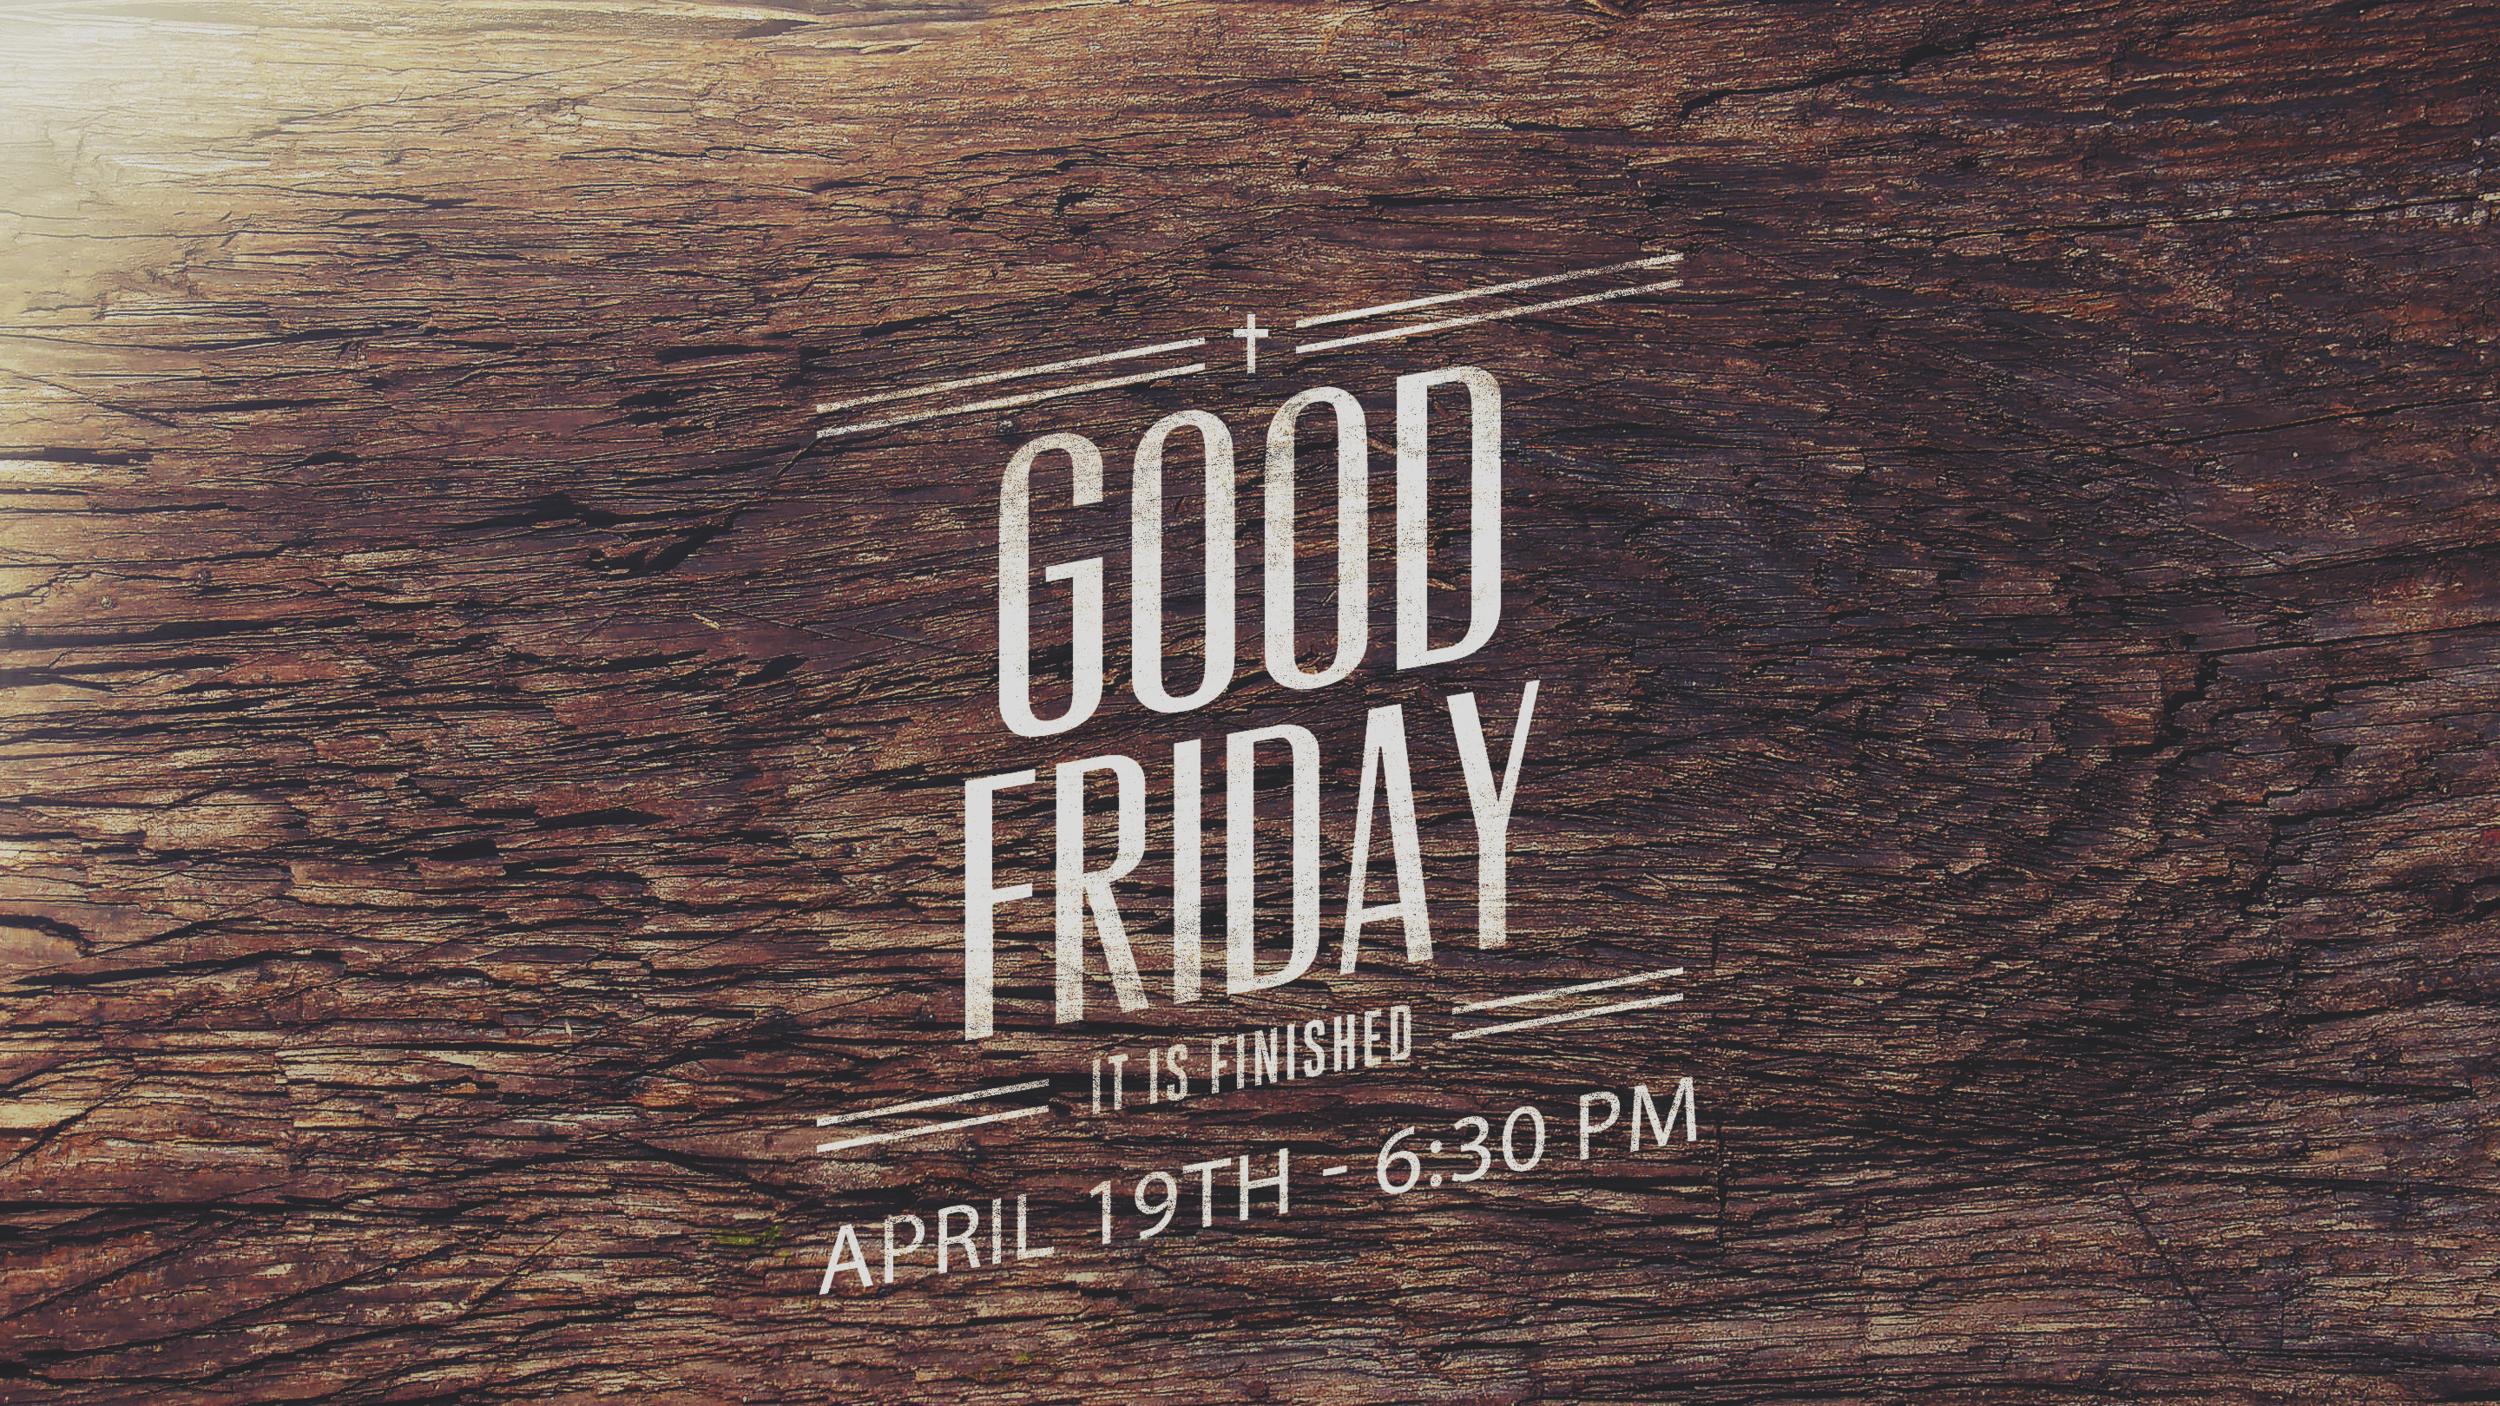 Good Friday Worship - April 19th at 6:30 pm at Northgate